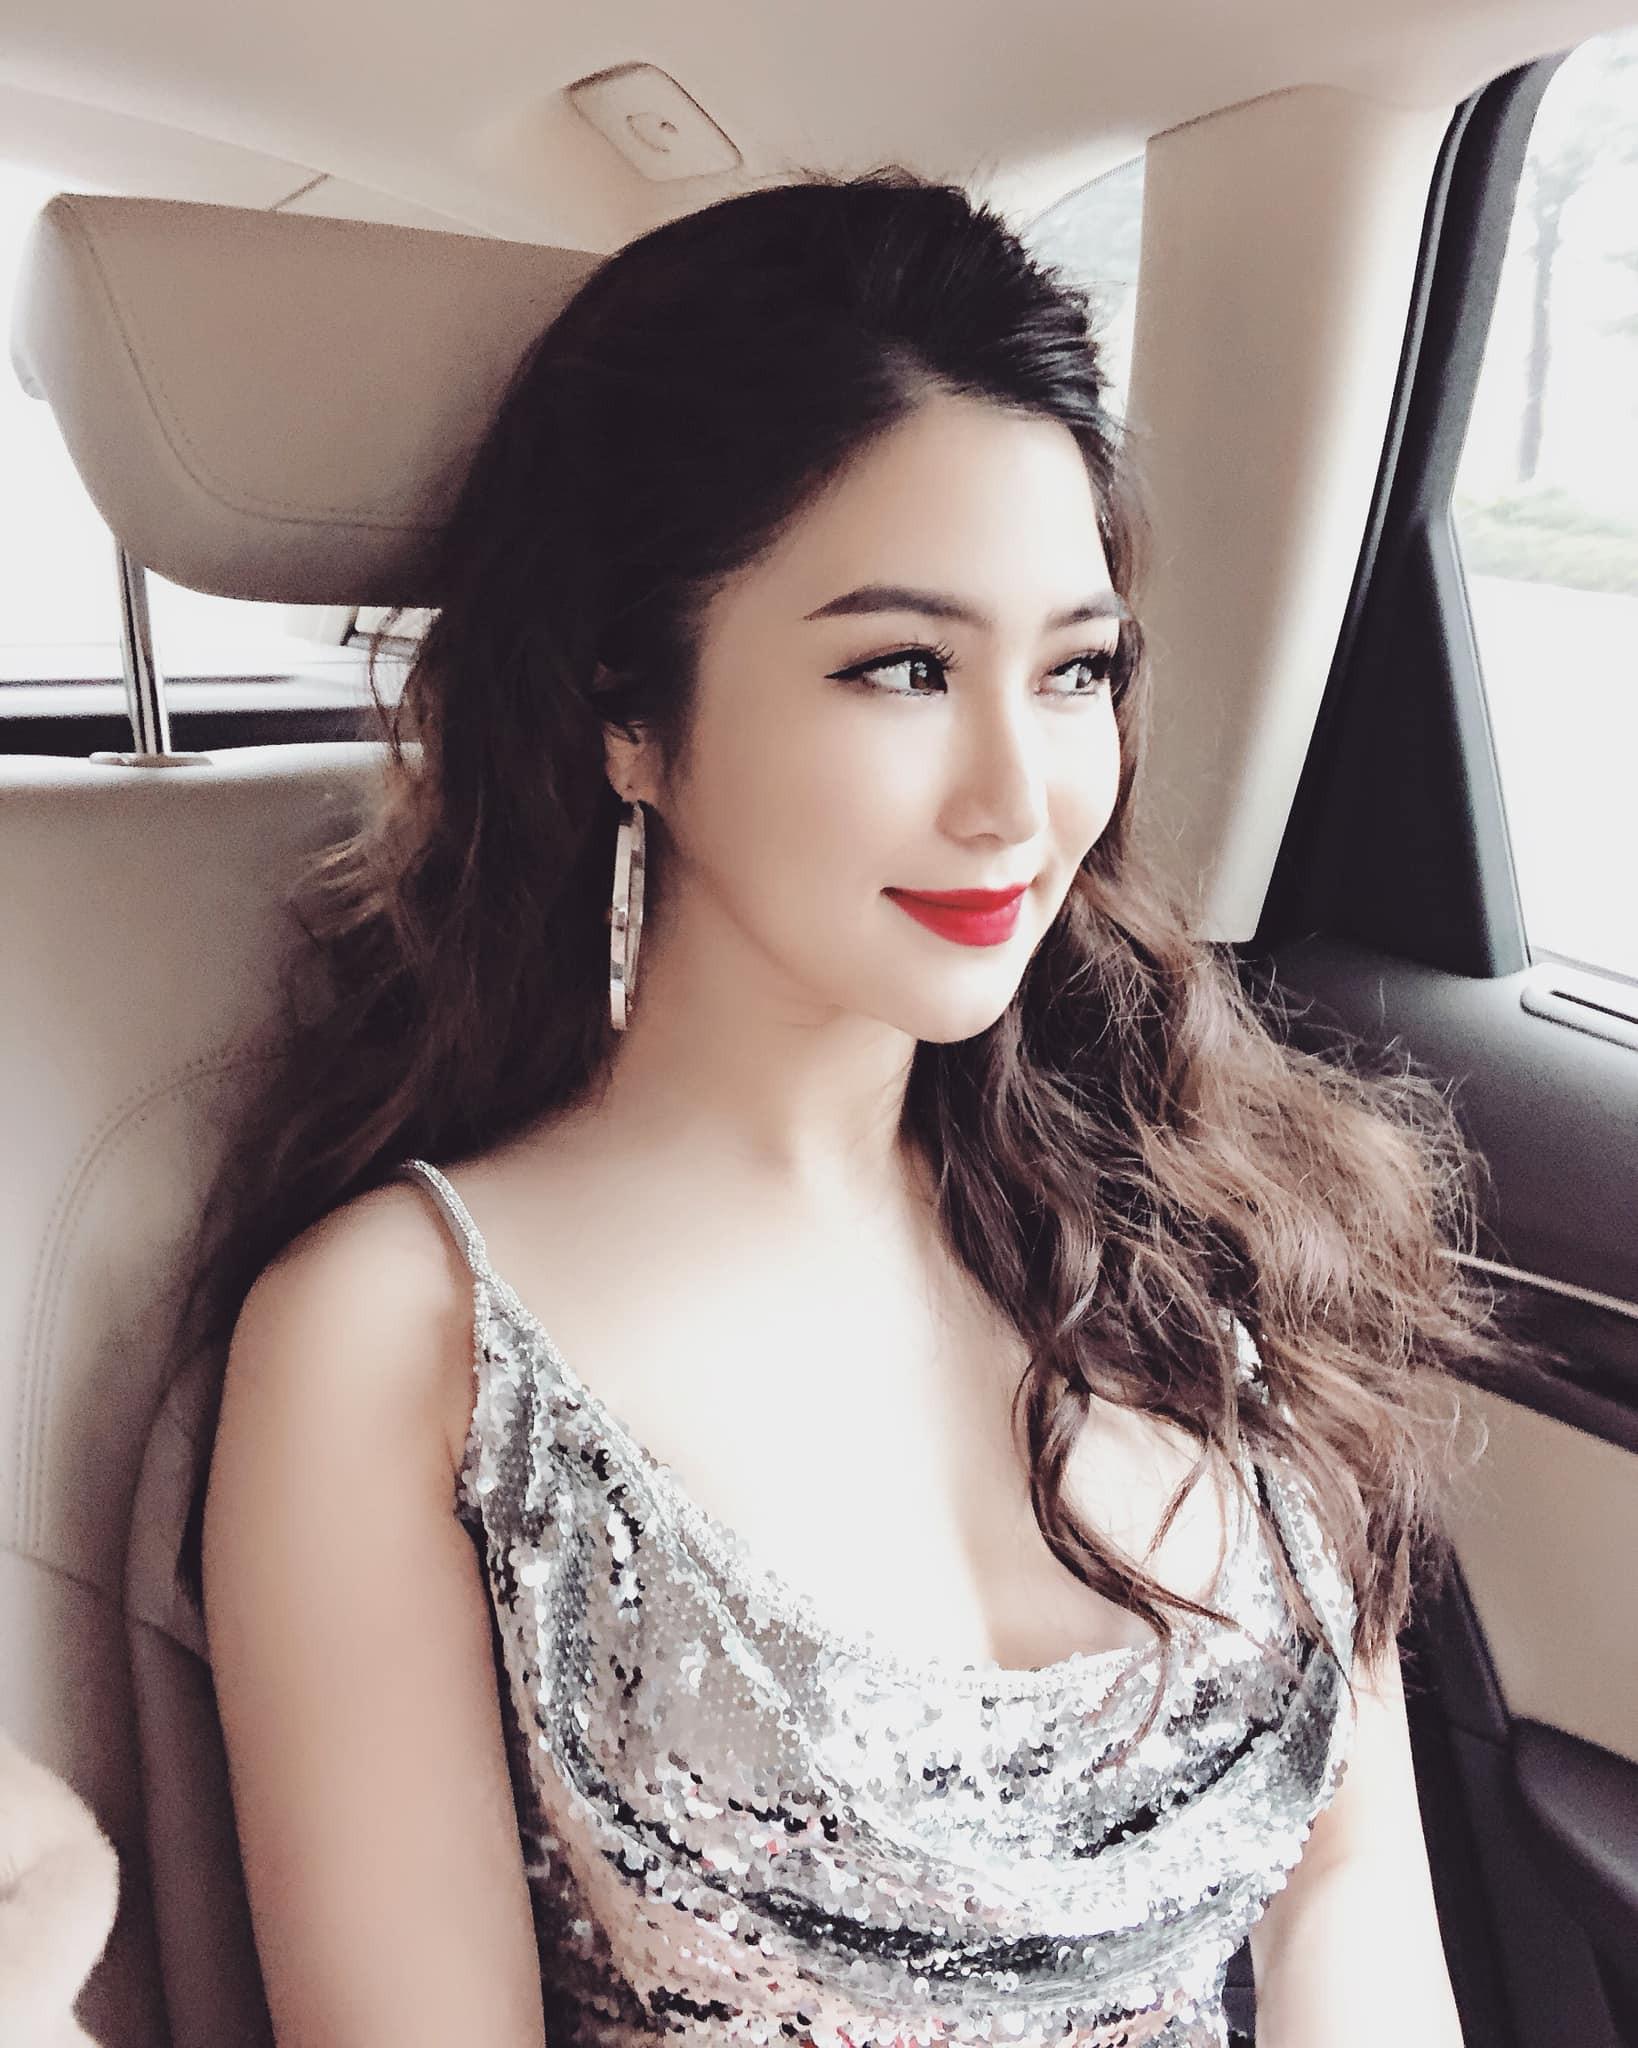 Hương Tràm nhận show hát ở Mỹ nhưng chiếc váy tuyệt đẹp cô mặc lại khiến người nhiều bất ngờ  - Ảnh 9.